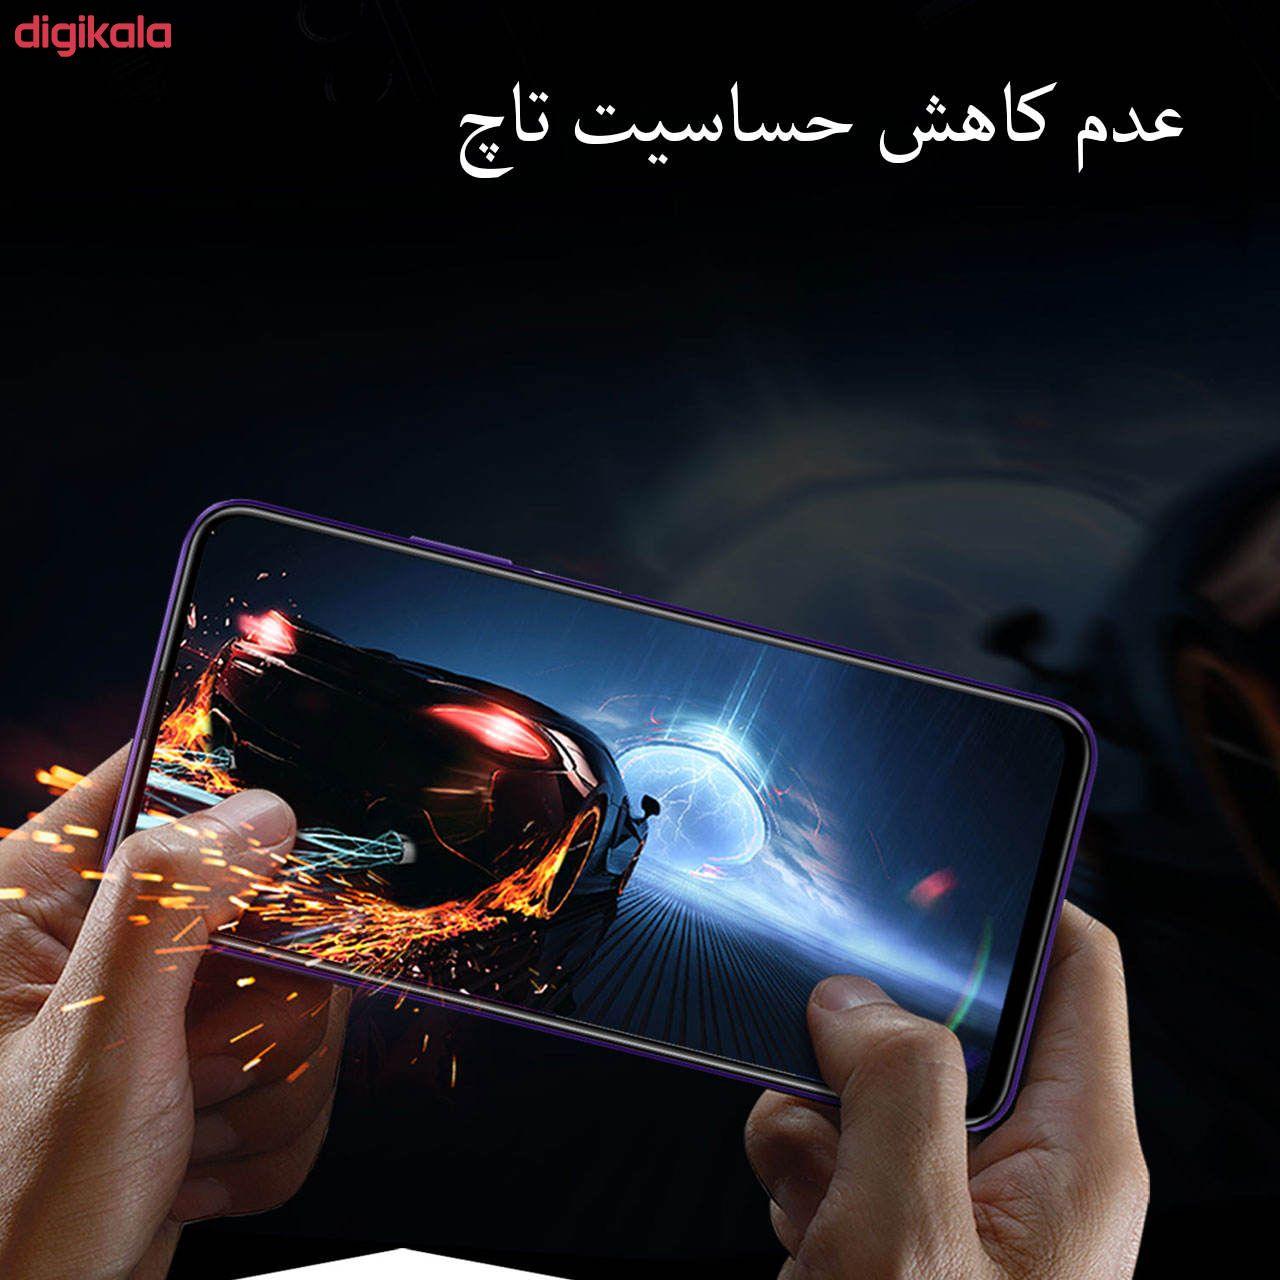 محافظ پشت گوشی شیپ مدل BKSH-01 مناسب برای گوشی موبایل سامسونگ Galaxy A71 main 1 7